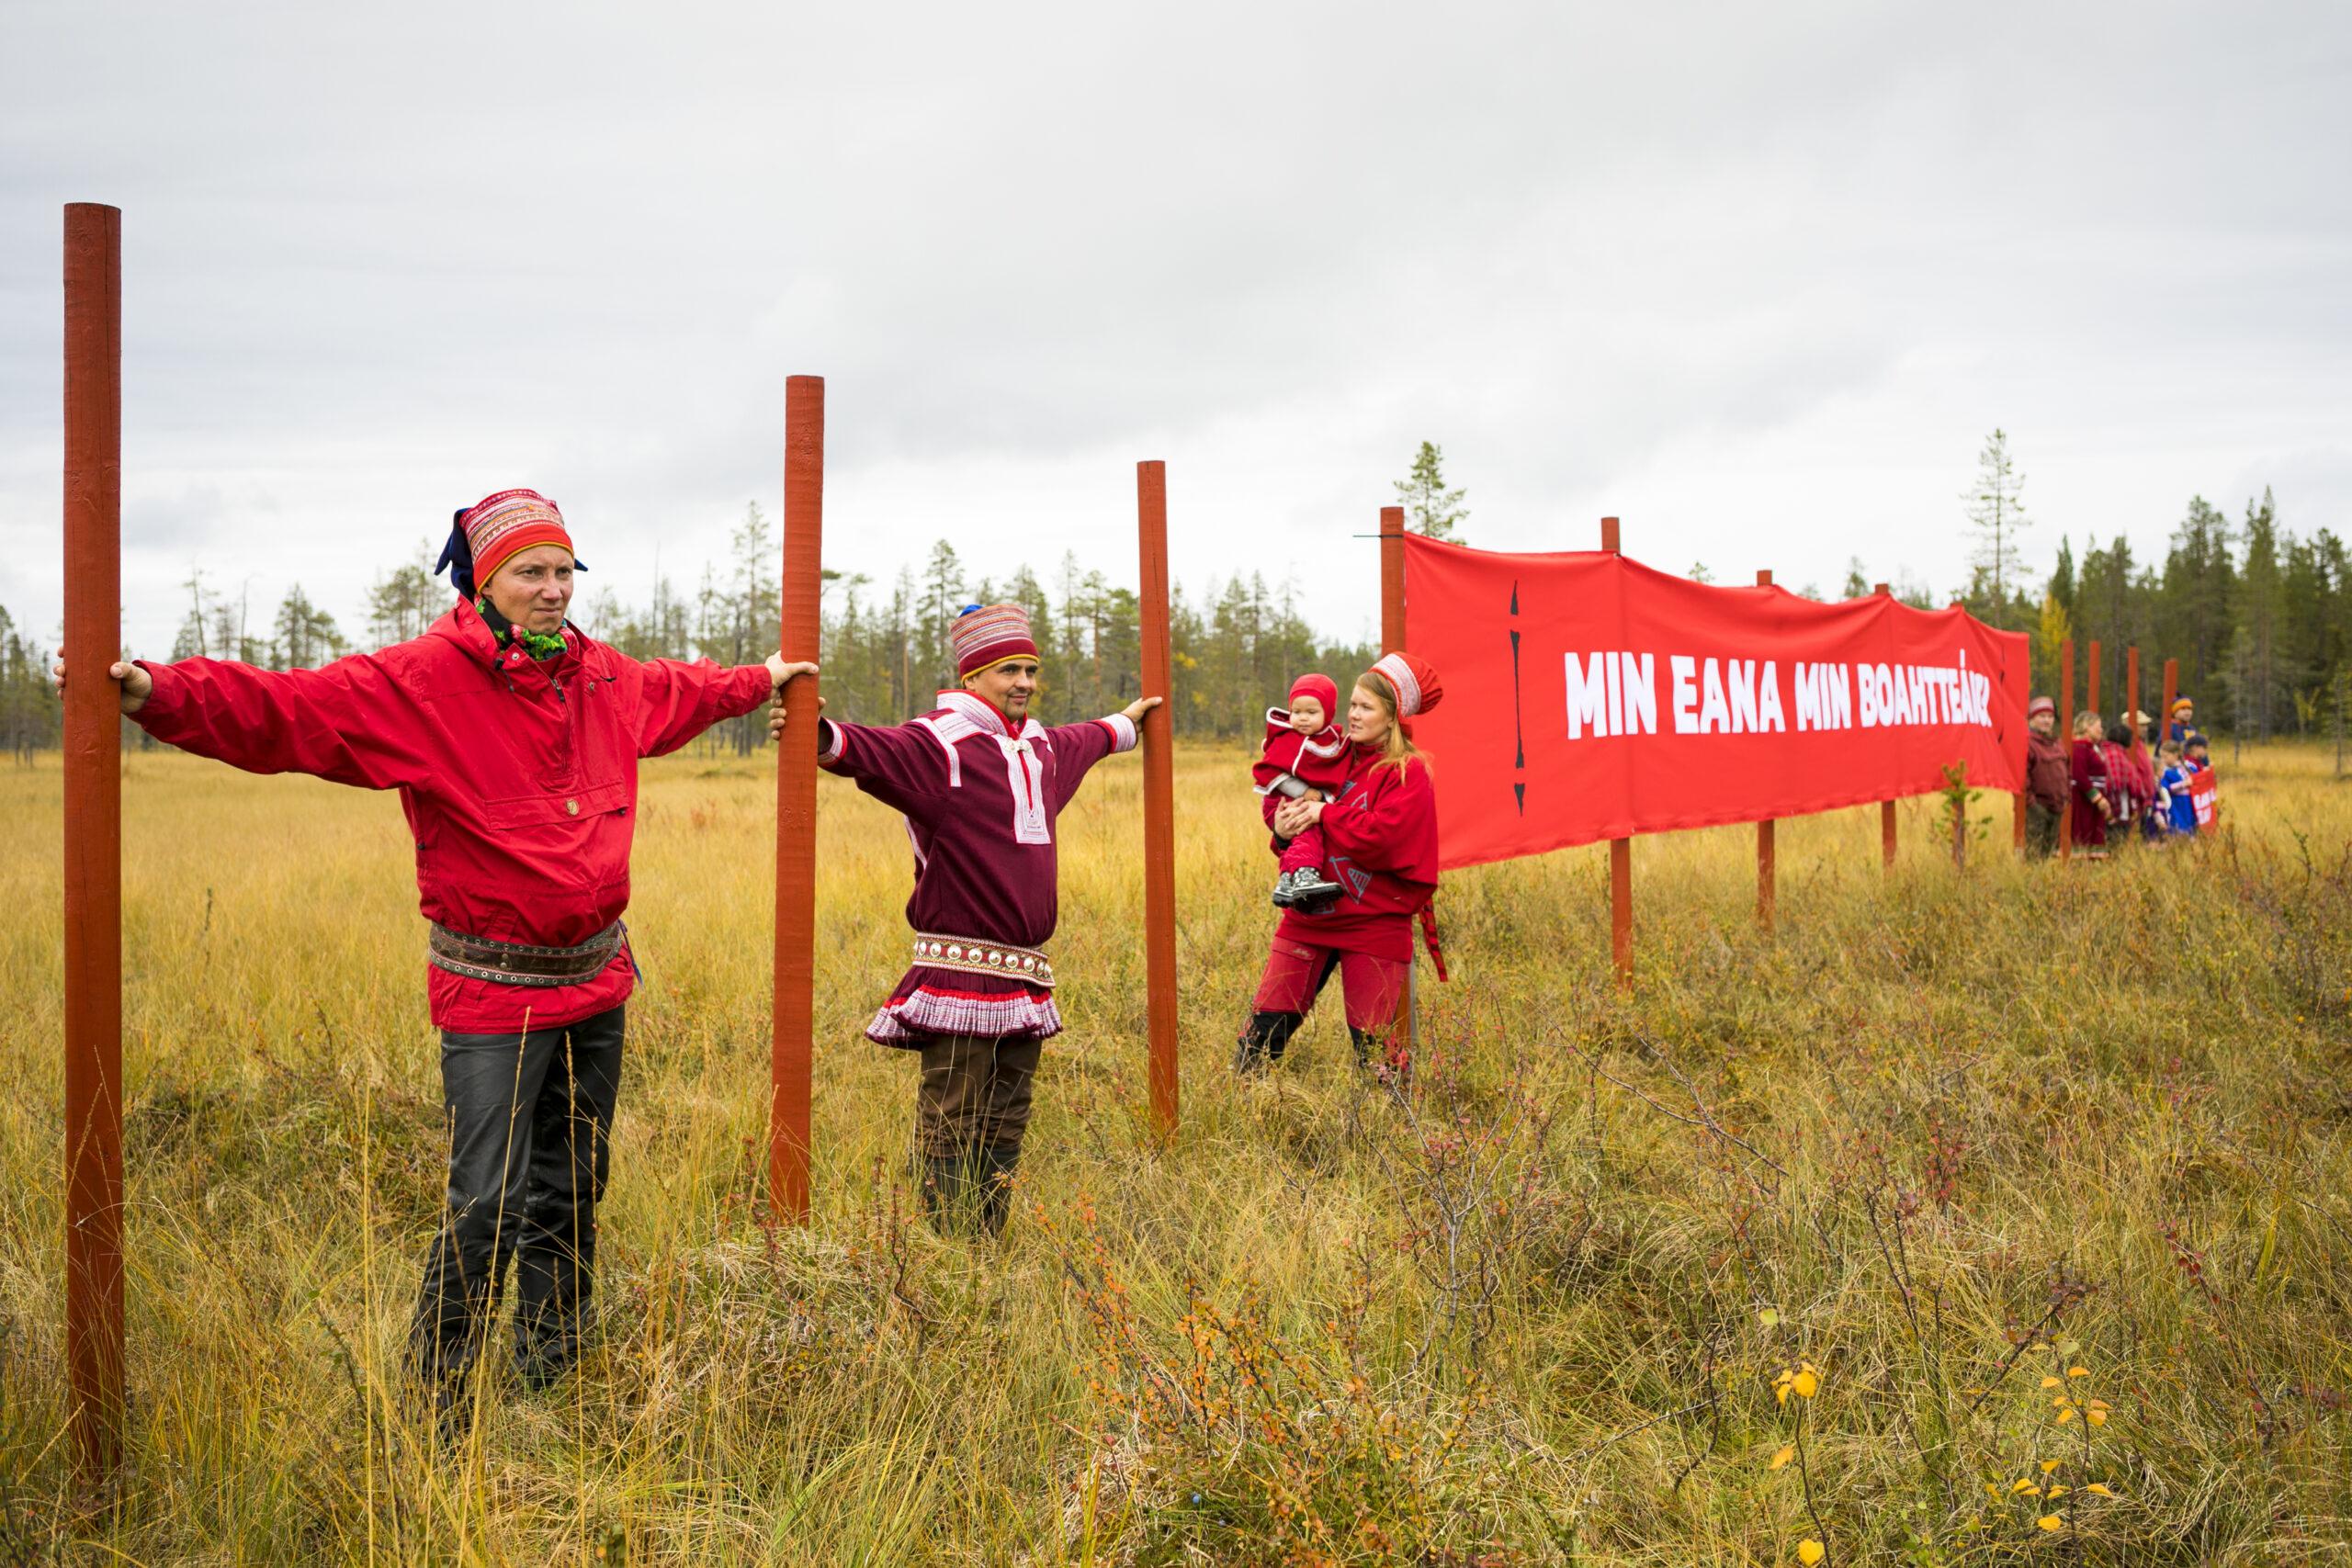 Ensimmäinen punainen viiva vedettiin Vuotson eteläpuolella sijaitsevalle Pikkujänkälle, jonka kohdalla Jäämeren rata saapuisi Saamenmaalle.